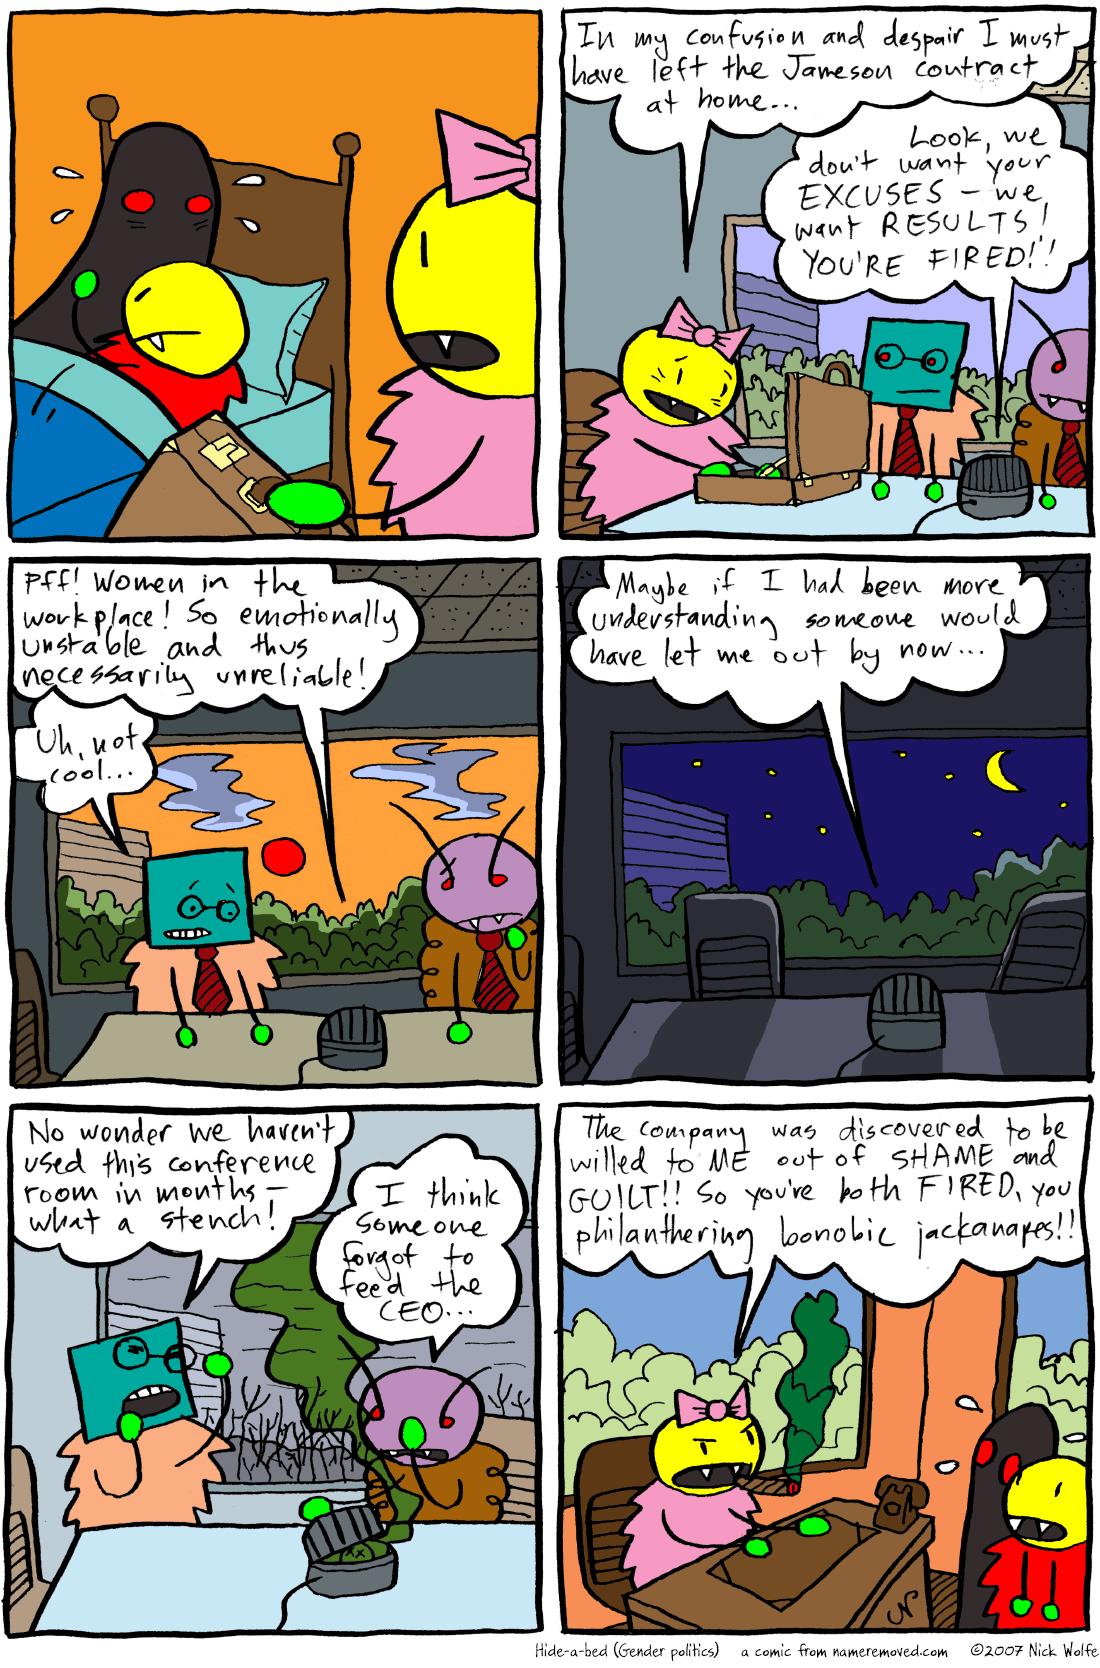 Hide-a-bed (Gender politics)